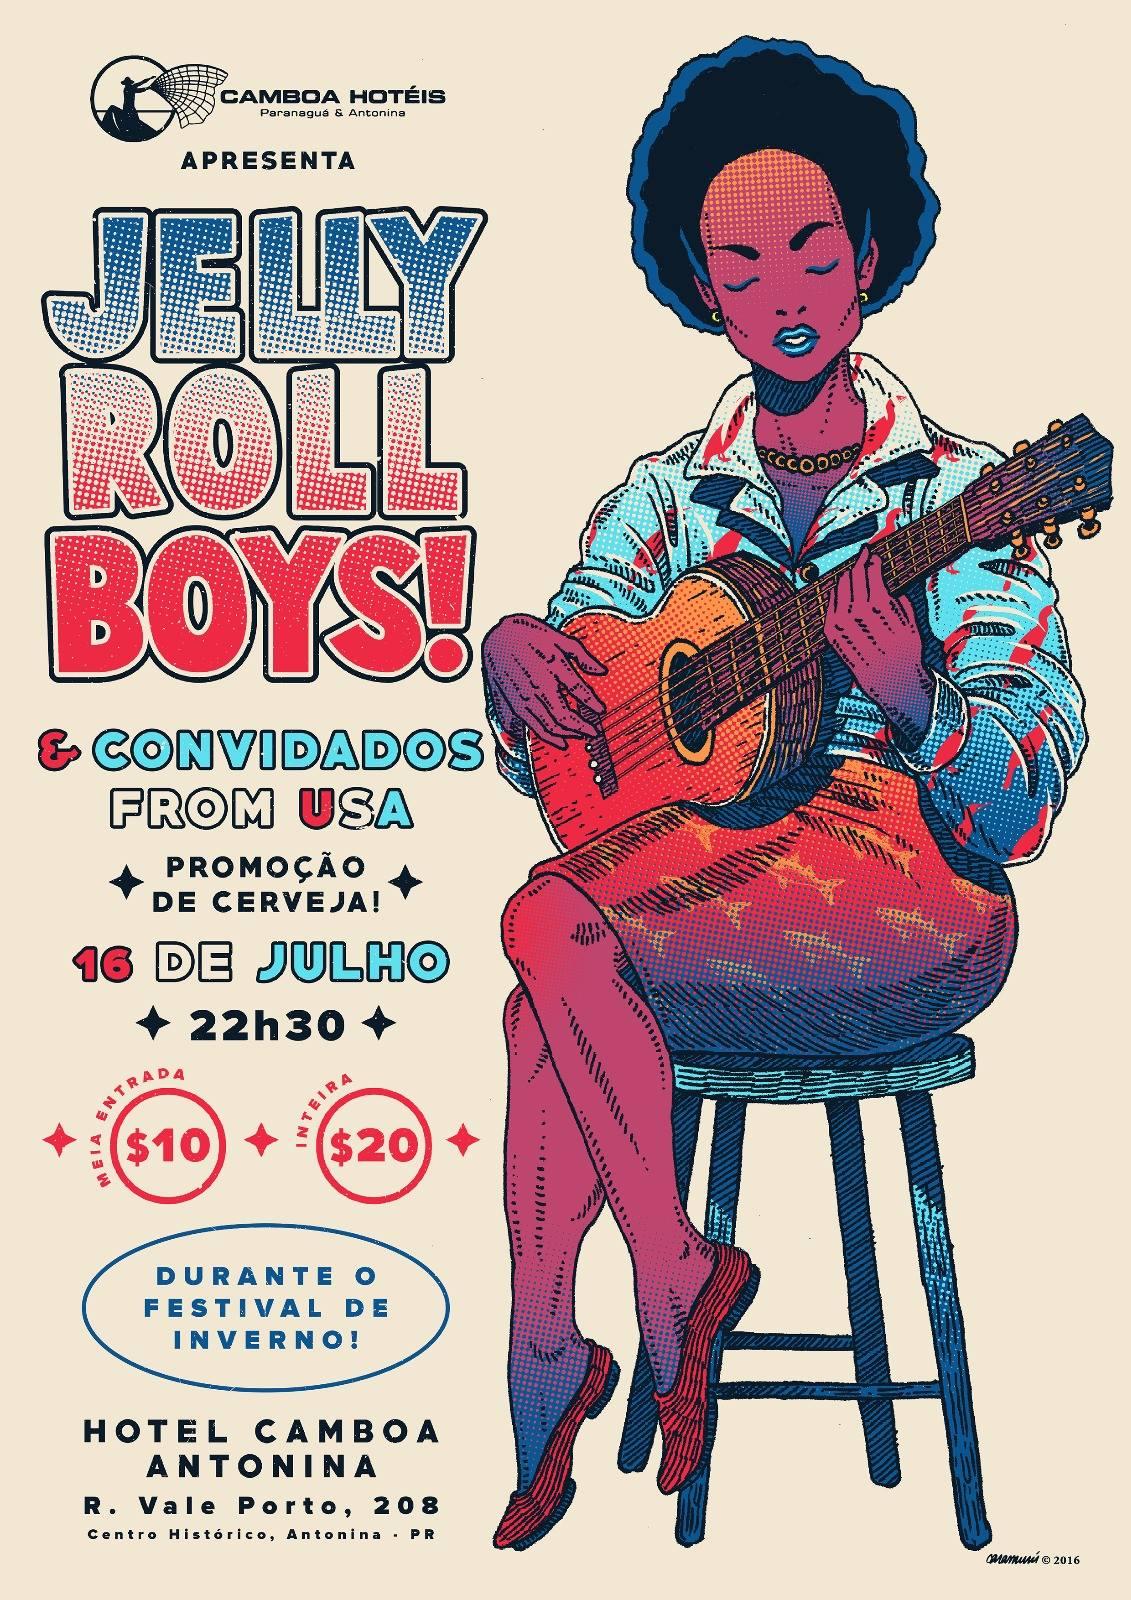 849cbc696dfa A festa é boa e a música melhor ainda! Neste sábado, 16/07, a banda Jelly  Roll Boys toca em Antonina com convidados mais que especiais!